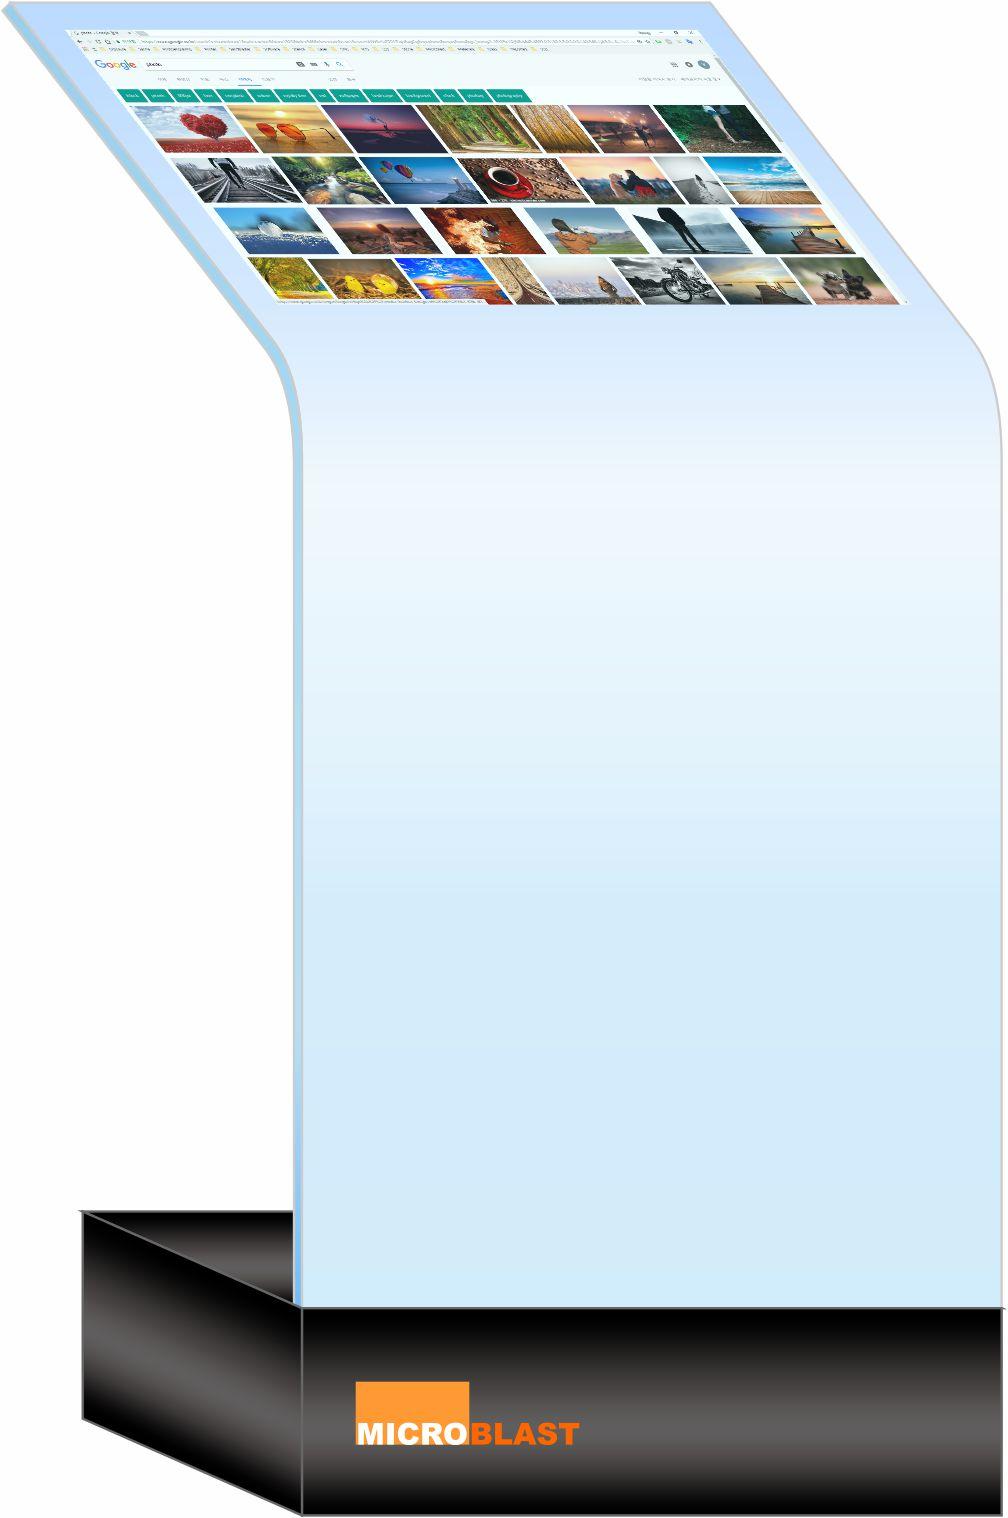 Trans_LCD_glass_01.jpg